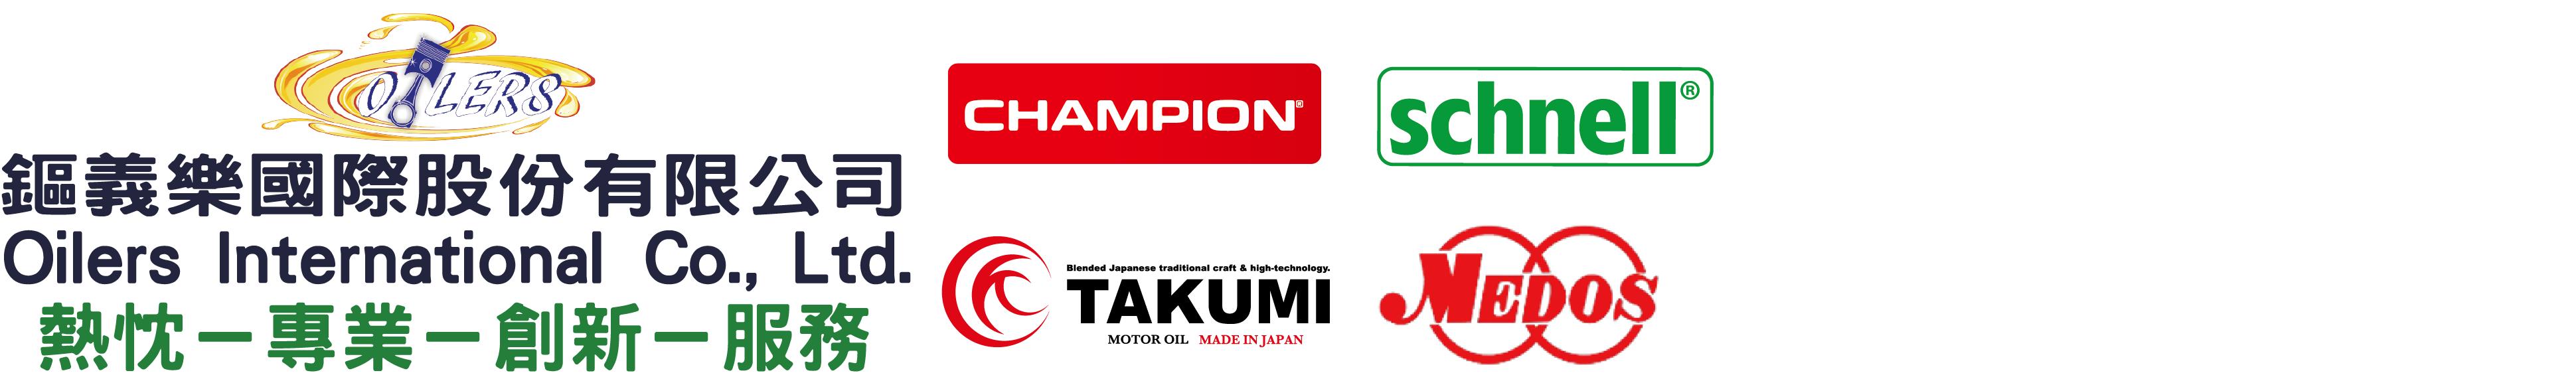 鏂義樂-日本/德國高性價比機油-oilers-tw